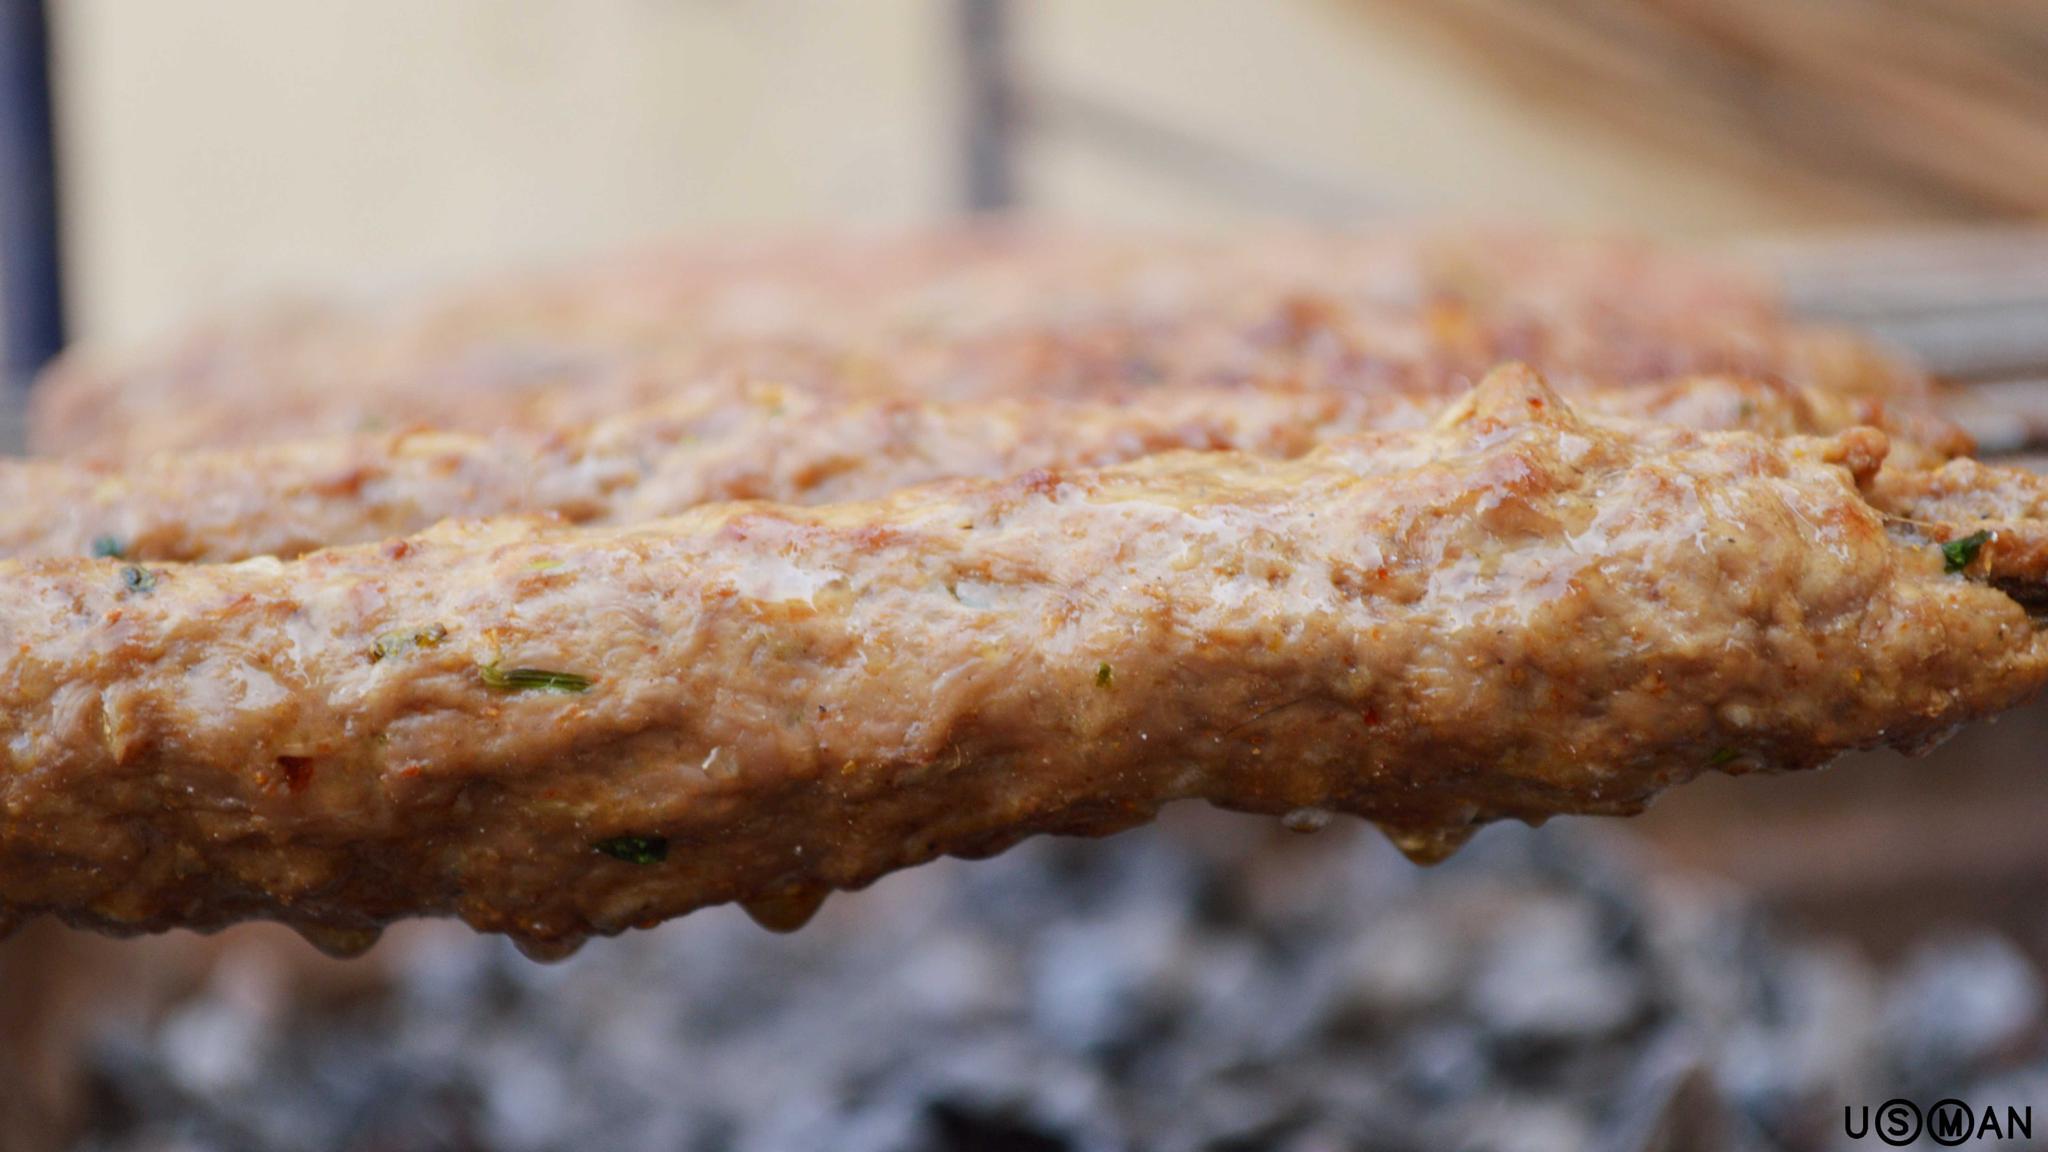 Food by Muhammad Usman Ashfaq